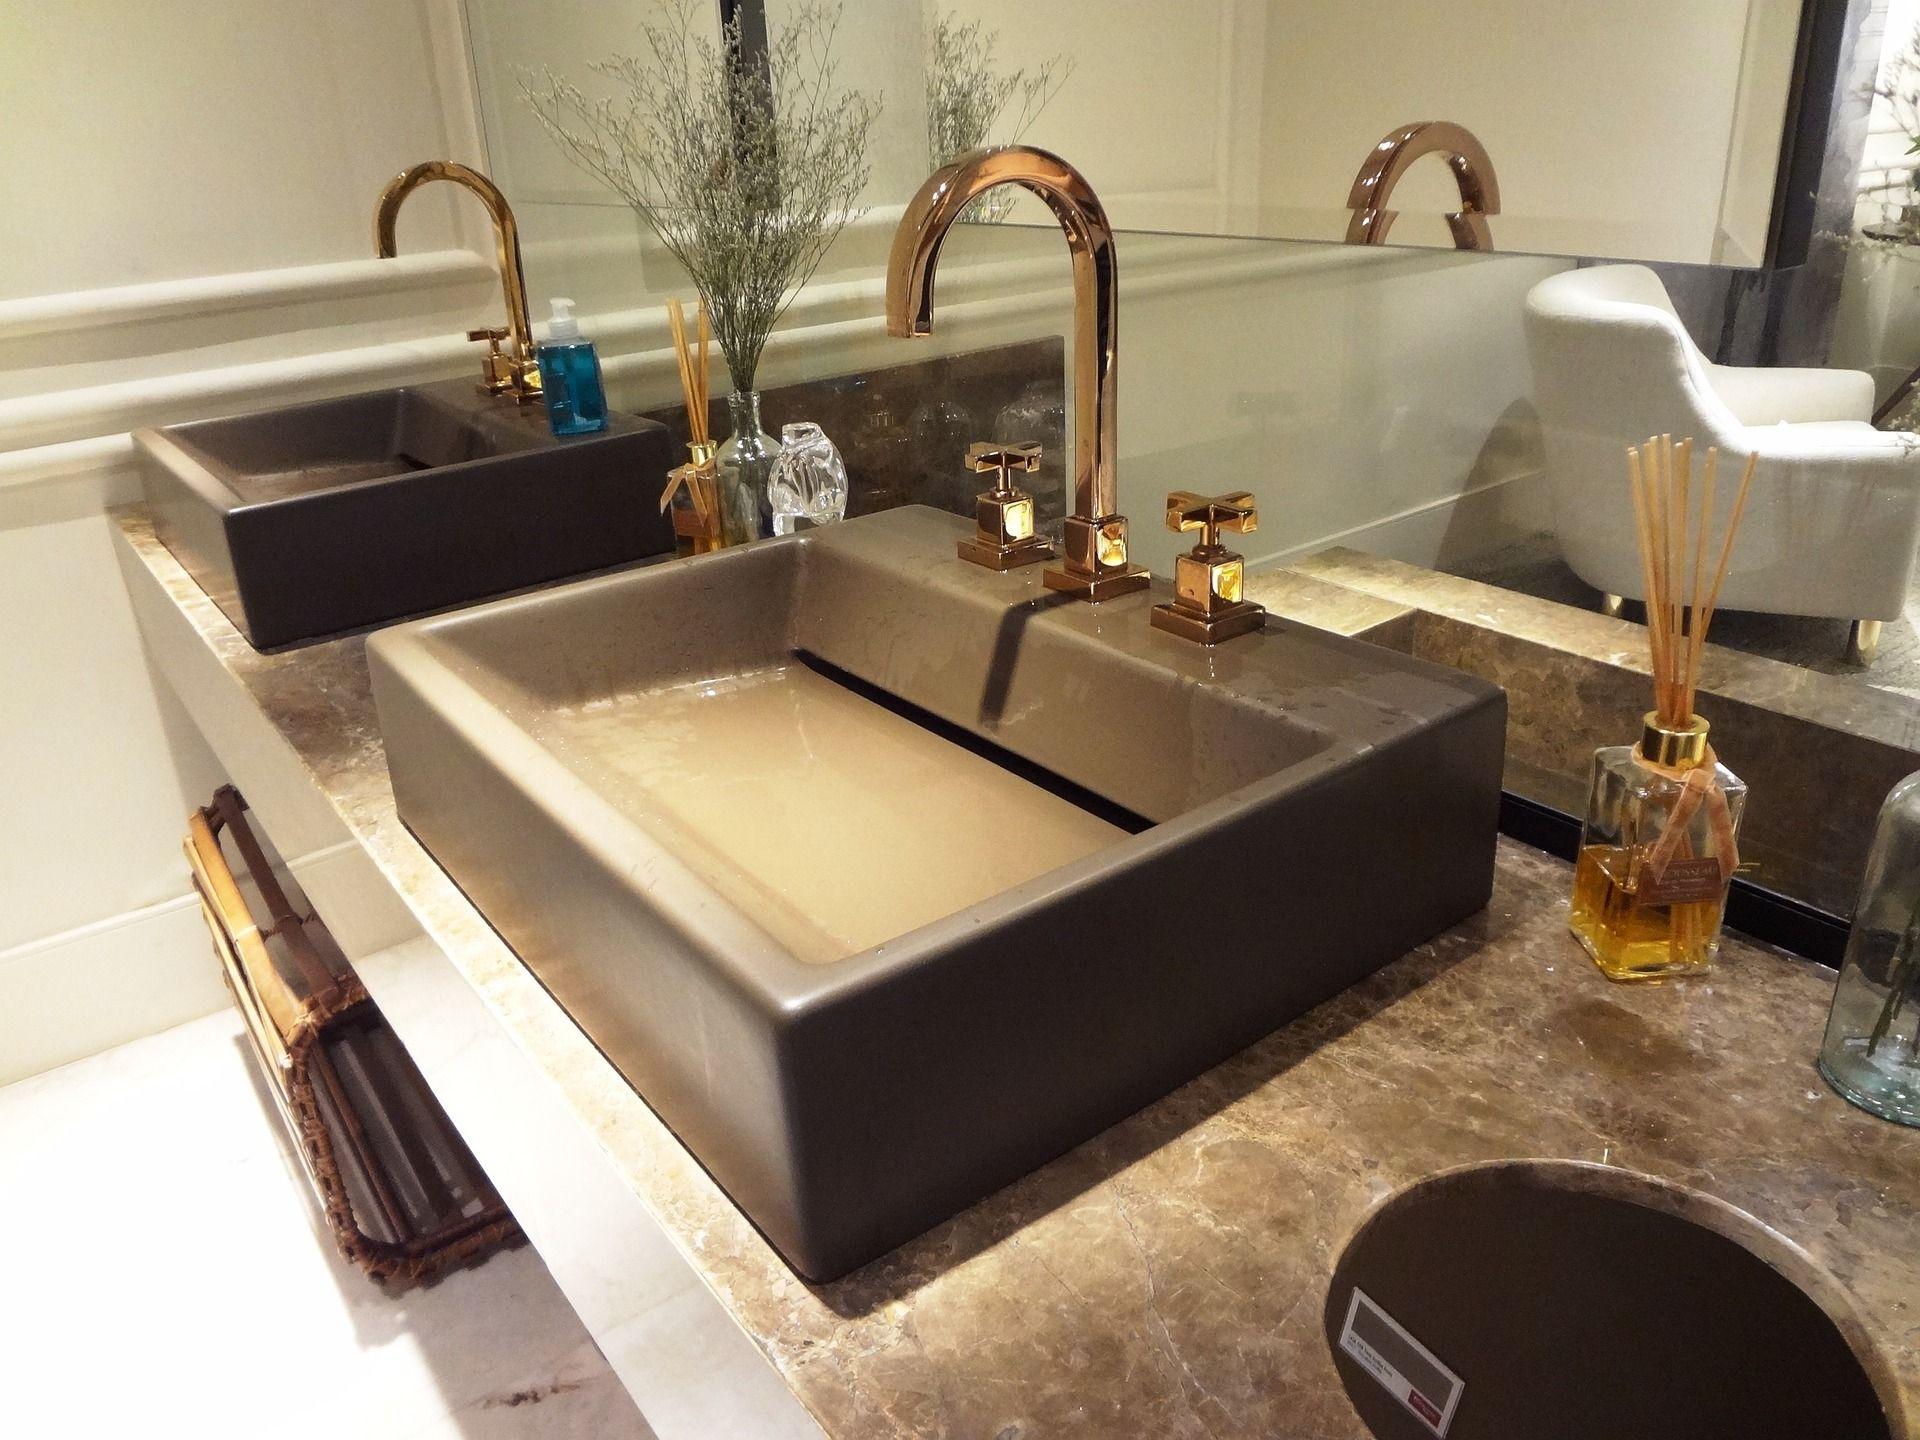 Pin von Deko zum schöner wohnen auf Badezimmergestaltung